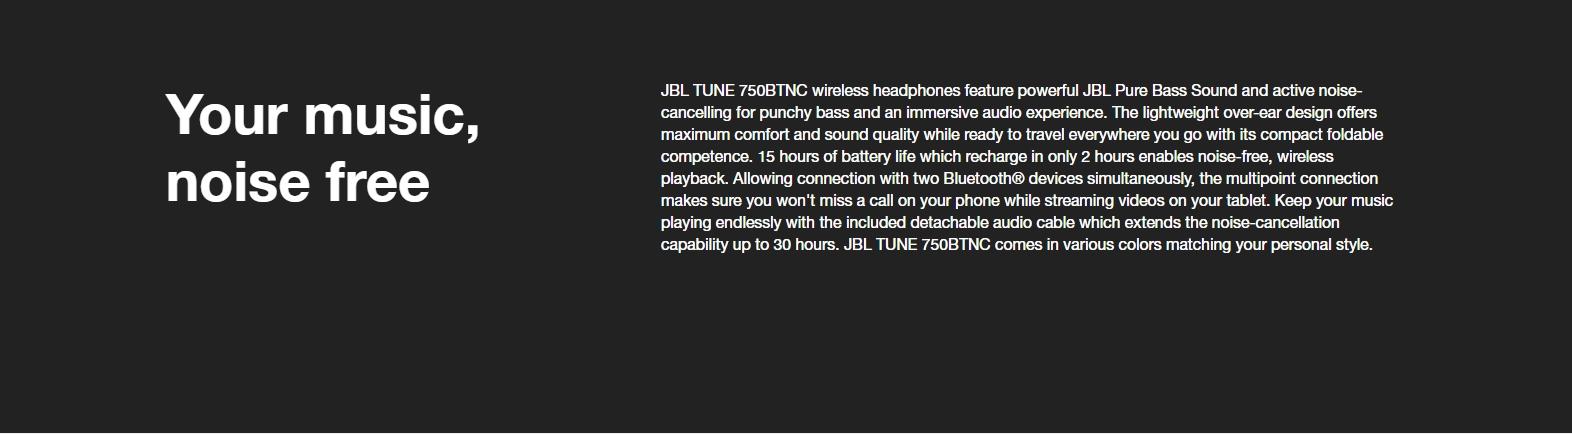 JBL TUNE 750BTNC